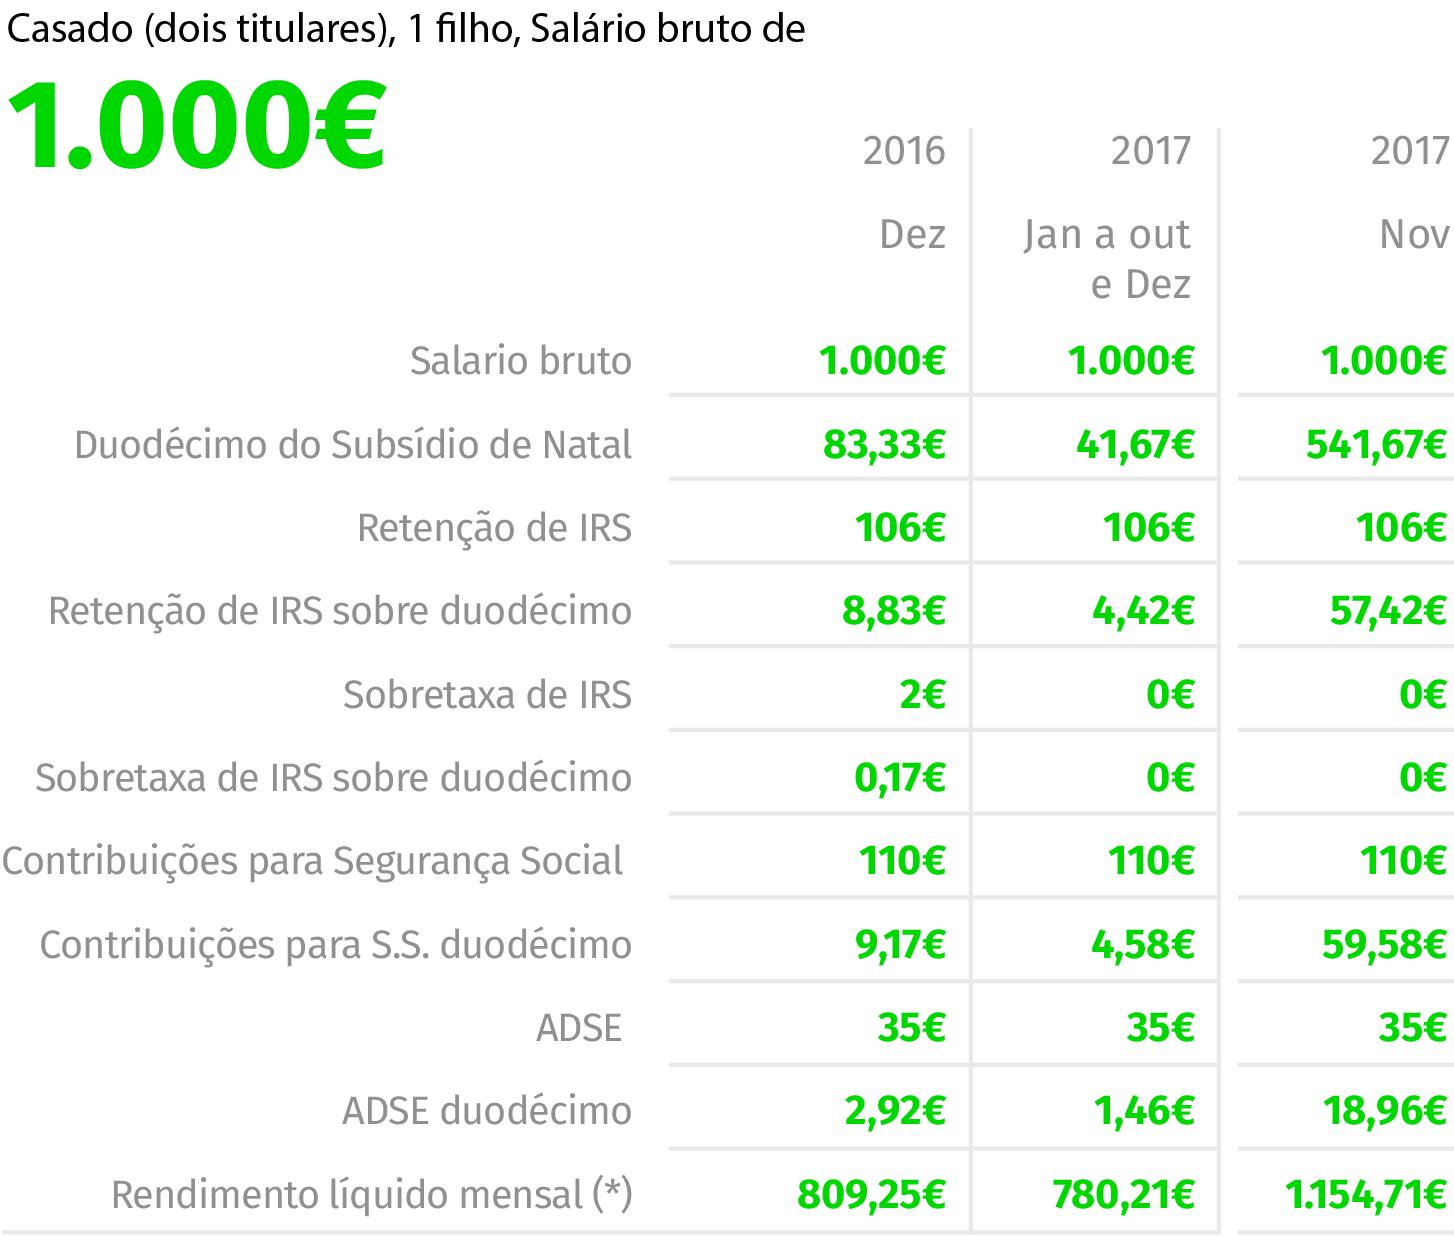 """Fonte: EY NOTA: As simulações não ilustram o rendimento líquido mensal no mês de pagamento do subsídio de férias em 2017. """"Duodécimo do subsídio de Natal"""" inclui 50% do subsídio em novembro."""